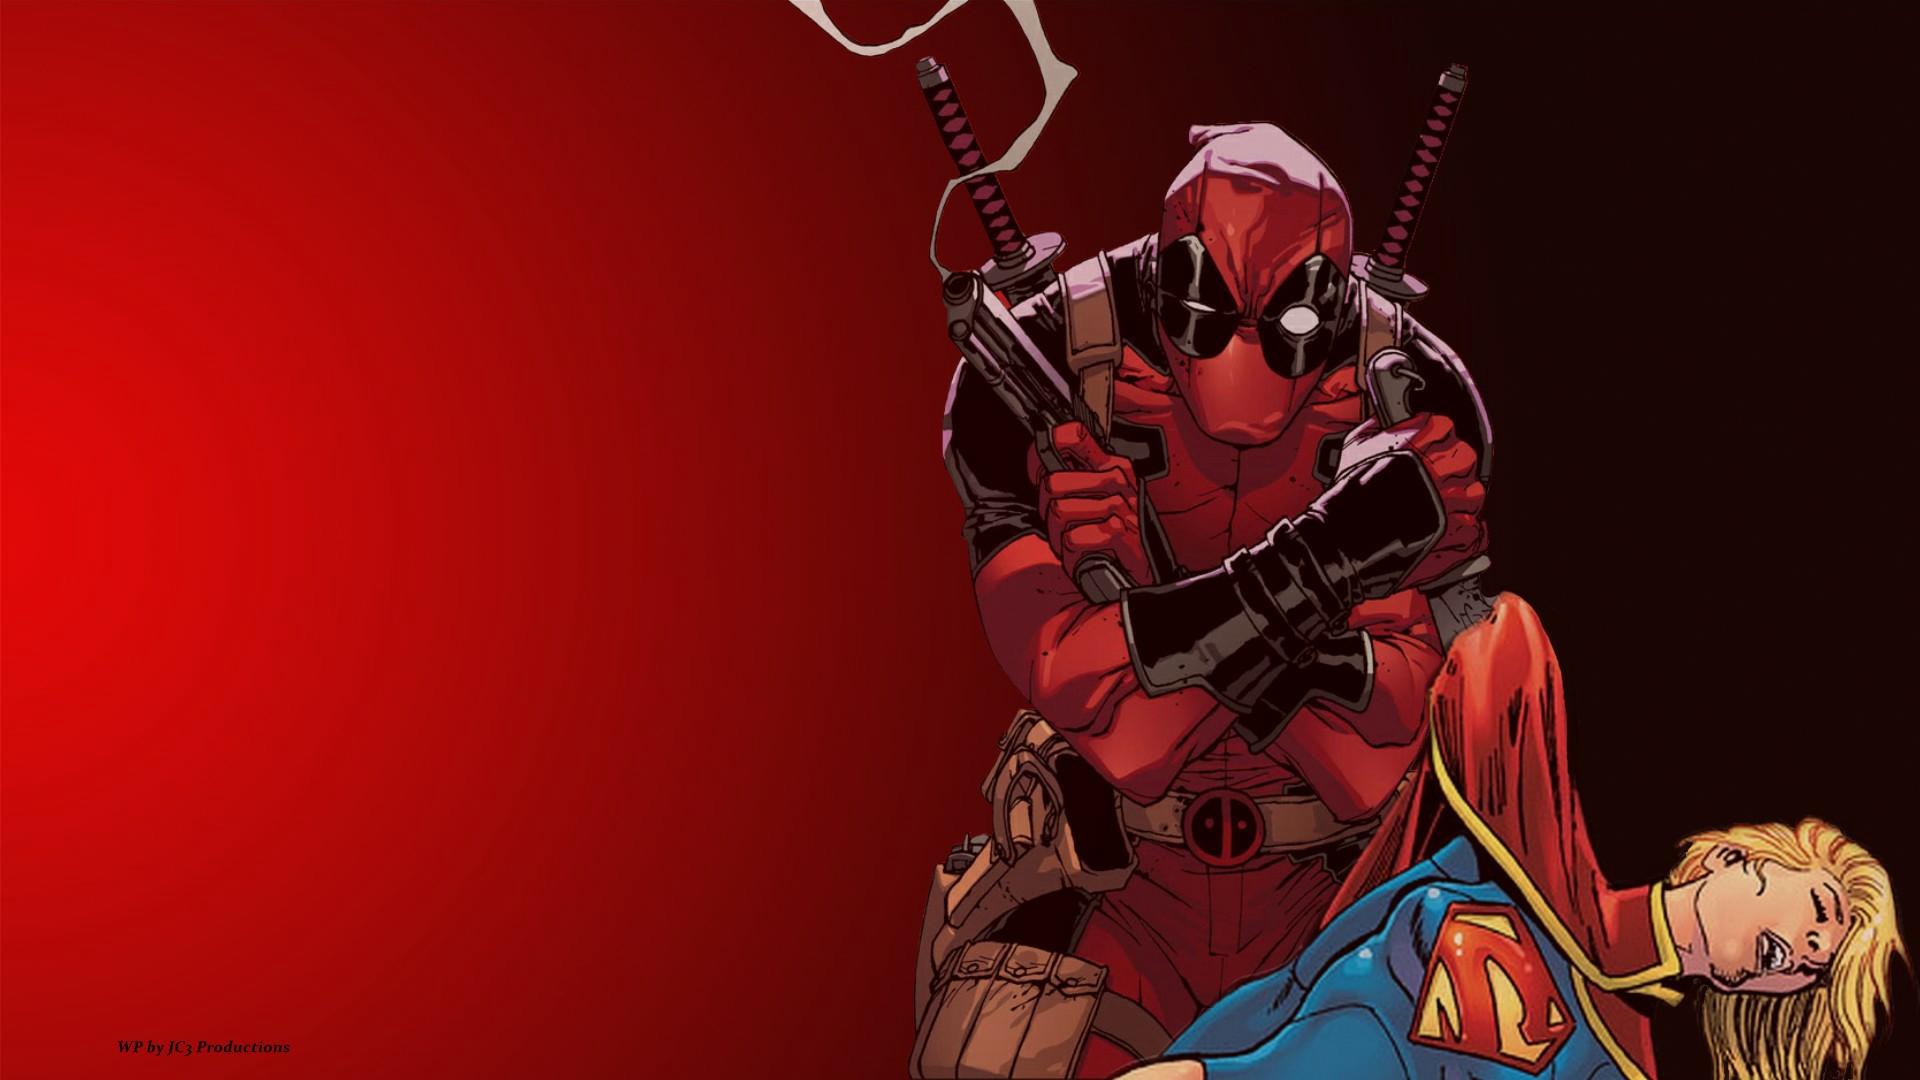 Deadpool The Conqueror 2 Wallpaper   Deadpool Wallpaper 43001528 1920x1080